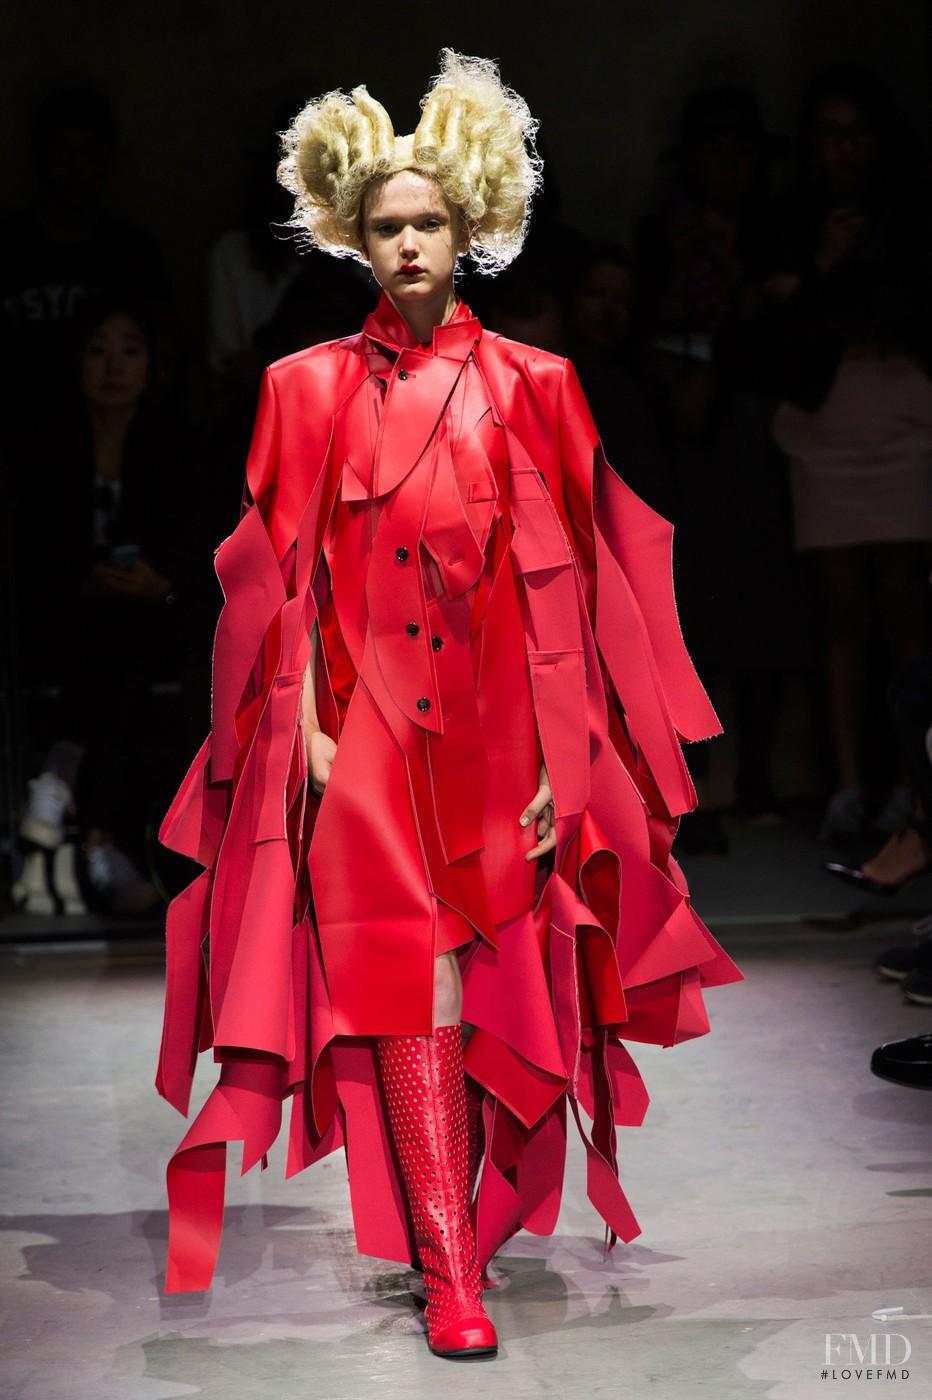 The Met Gala 2017 Theme Commes Des Garcons Comme des garcons fashion line